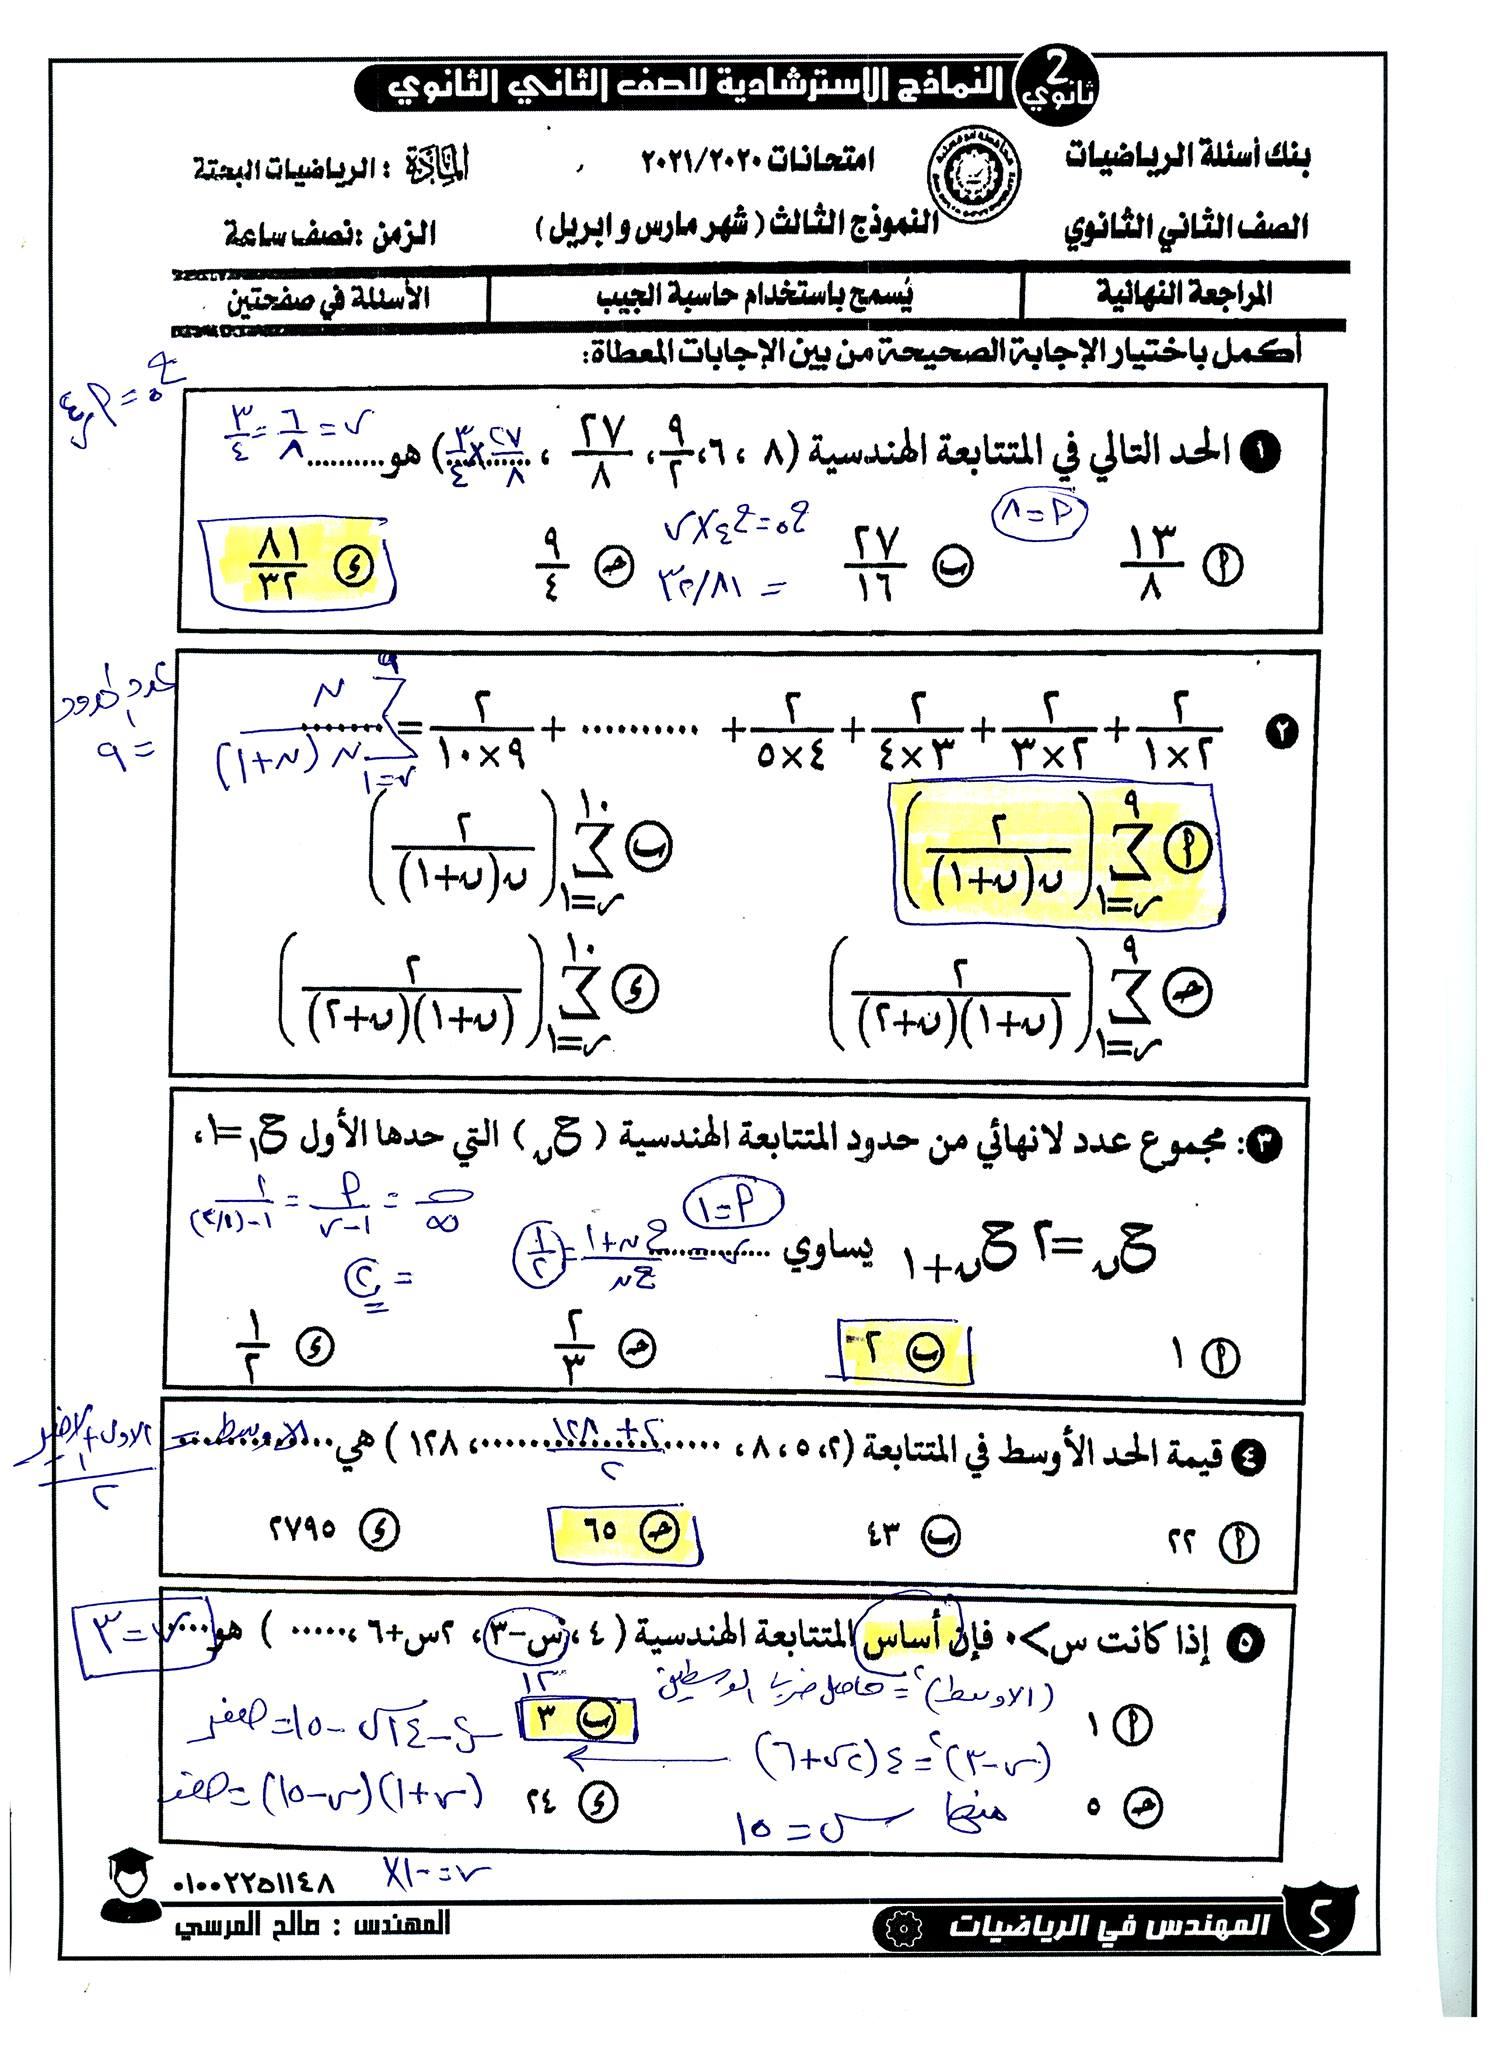 مراجعة ليلة امتحان الرياضيات البحتة للصف الثاني الثانوي بالاجابات 5